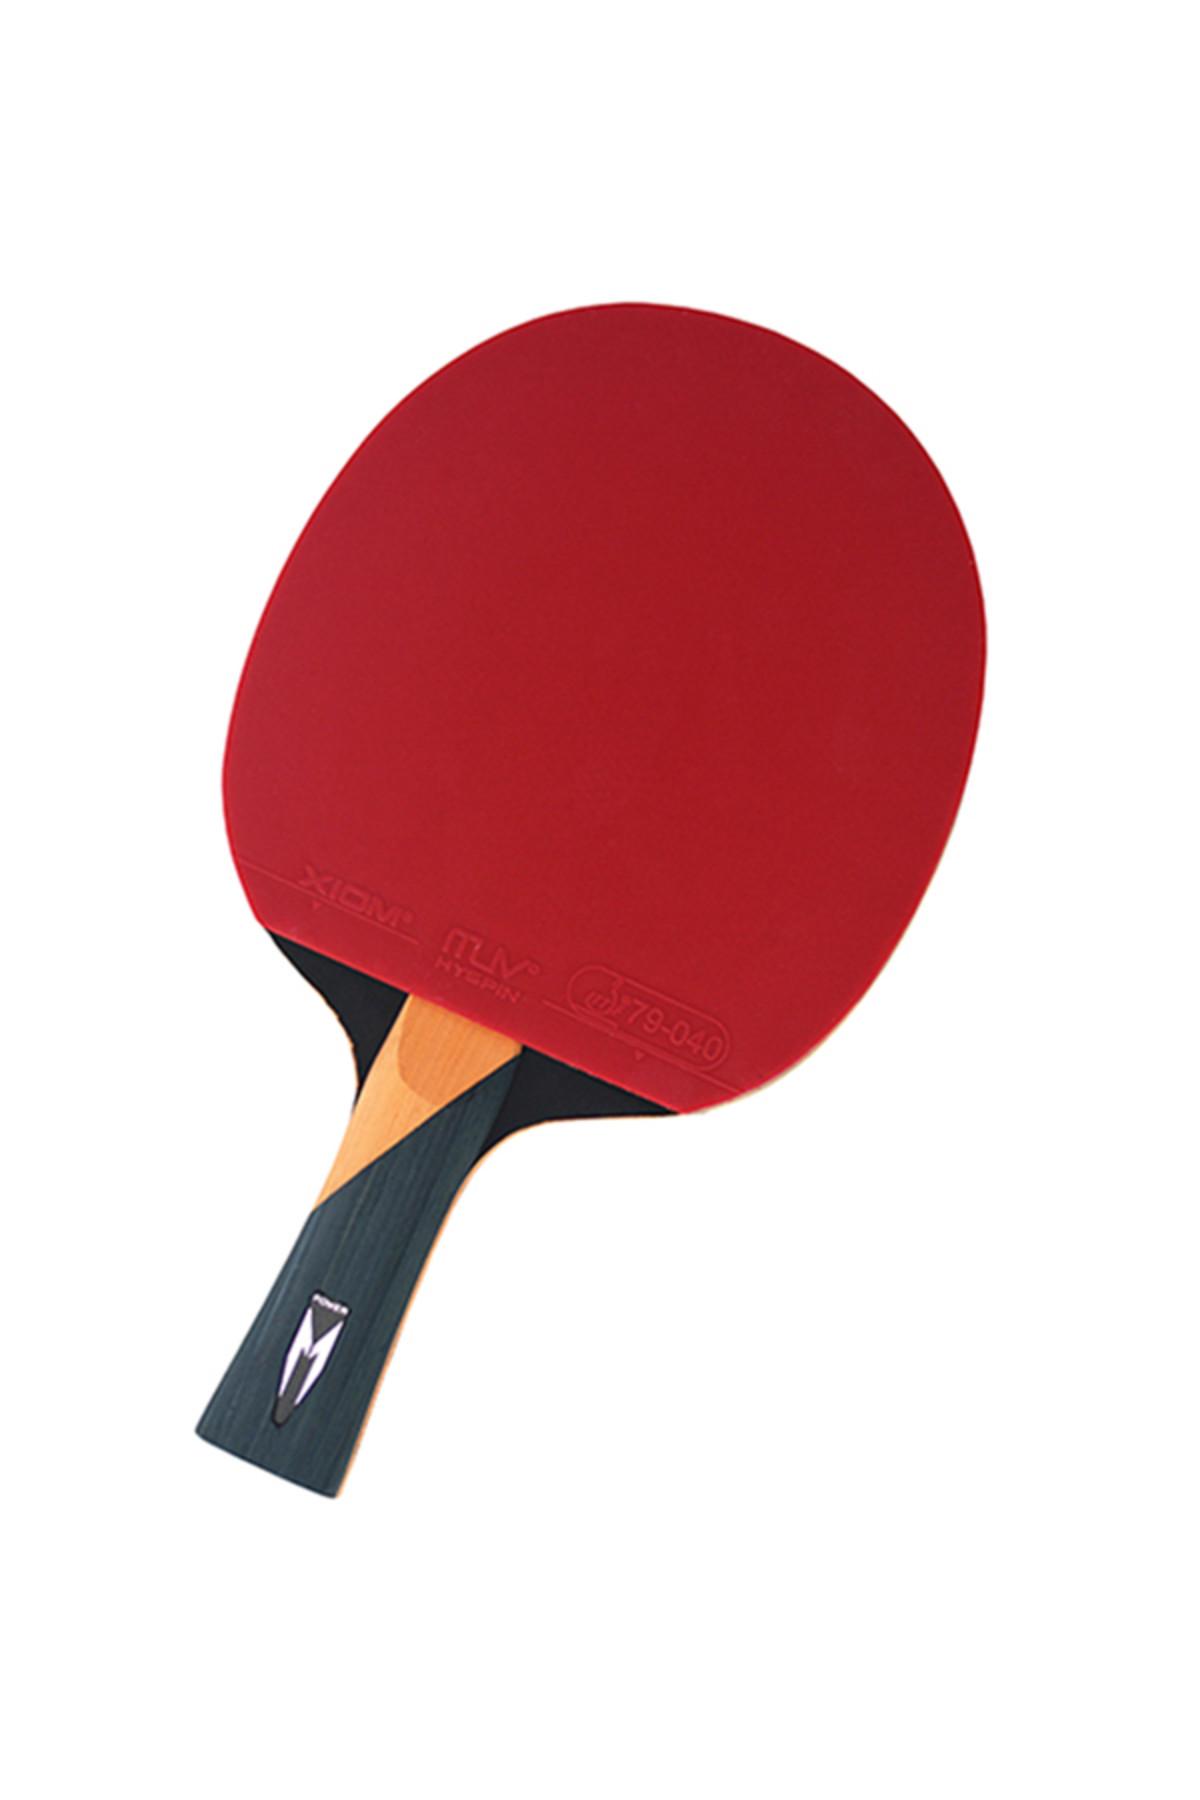 Masa Tenisi Raketi - ITTF Onaylı - 30762